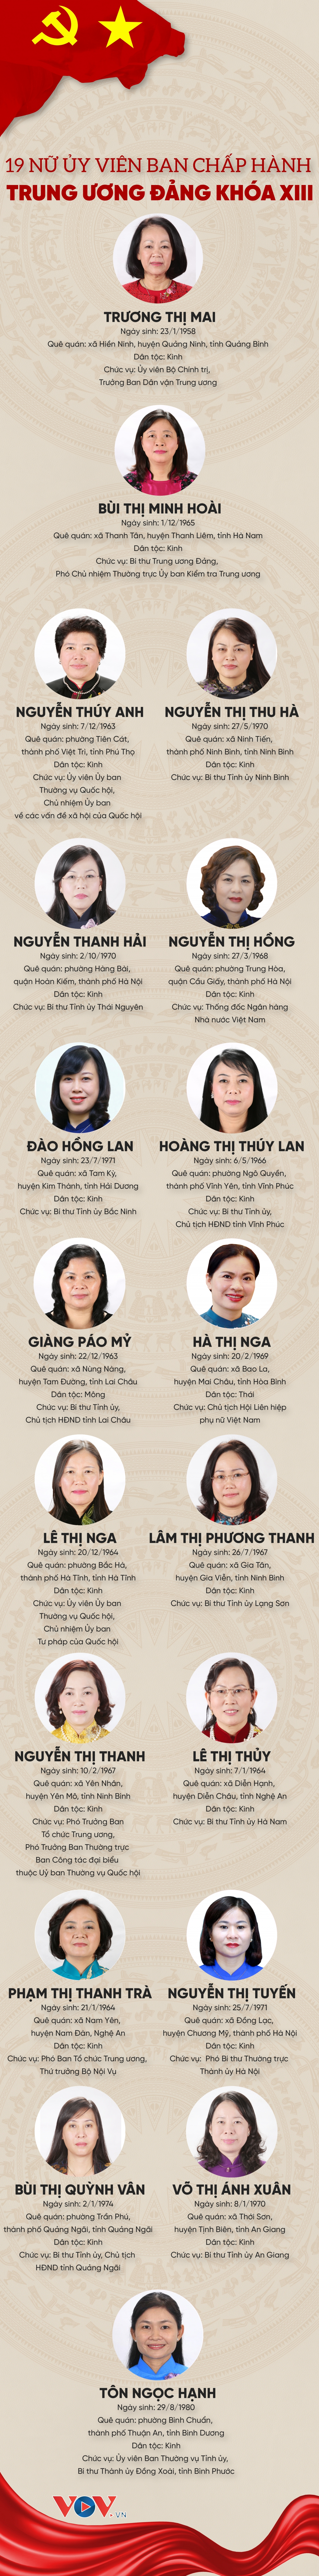 Infographics: 19 nữ Ủy viên Ban Chấp hành Trung ương Đảng khóa XIII